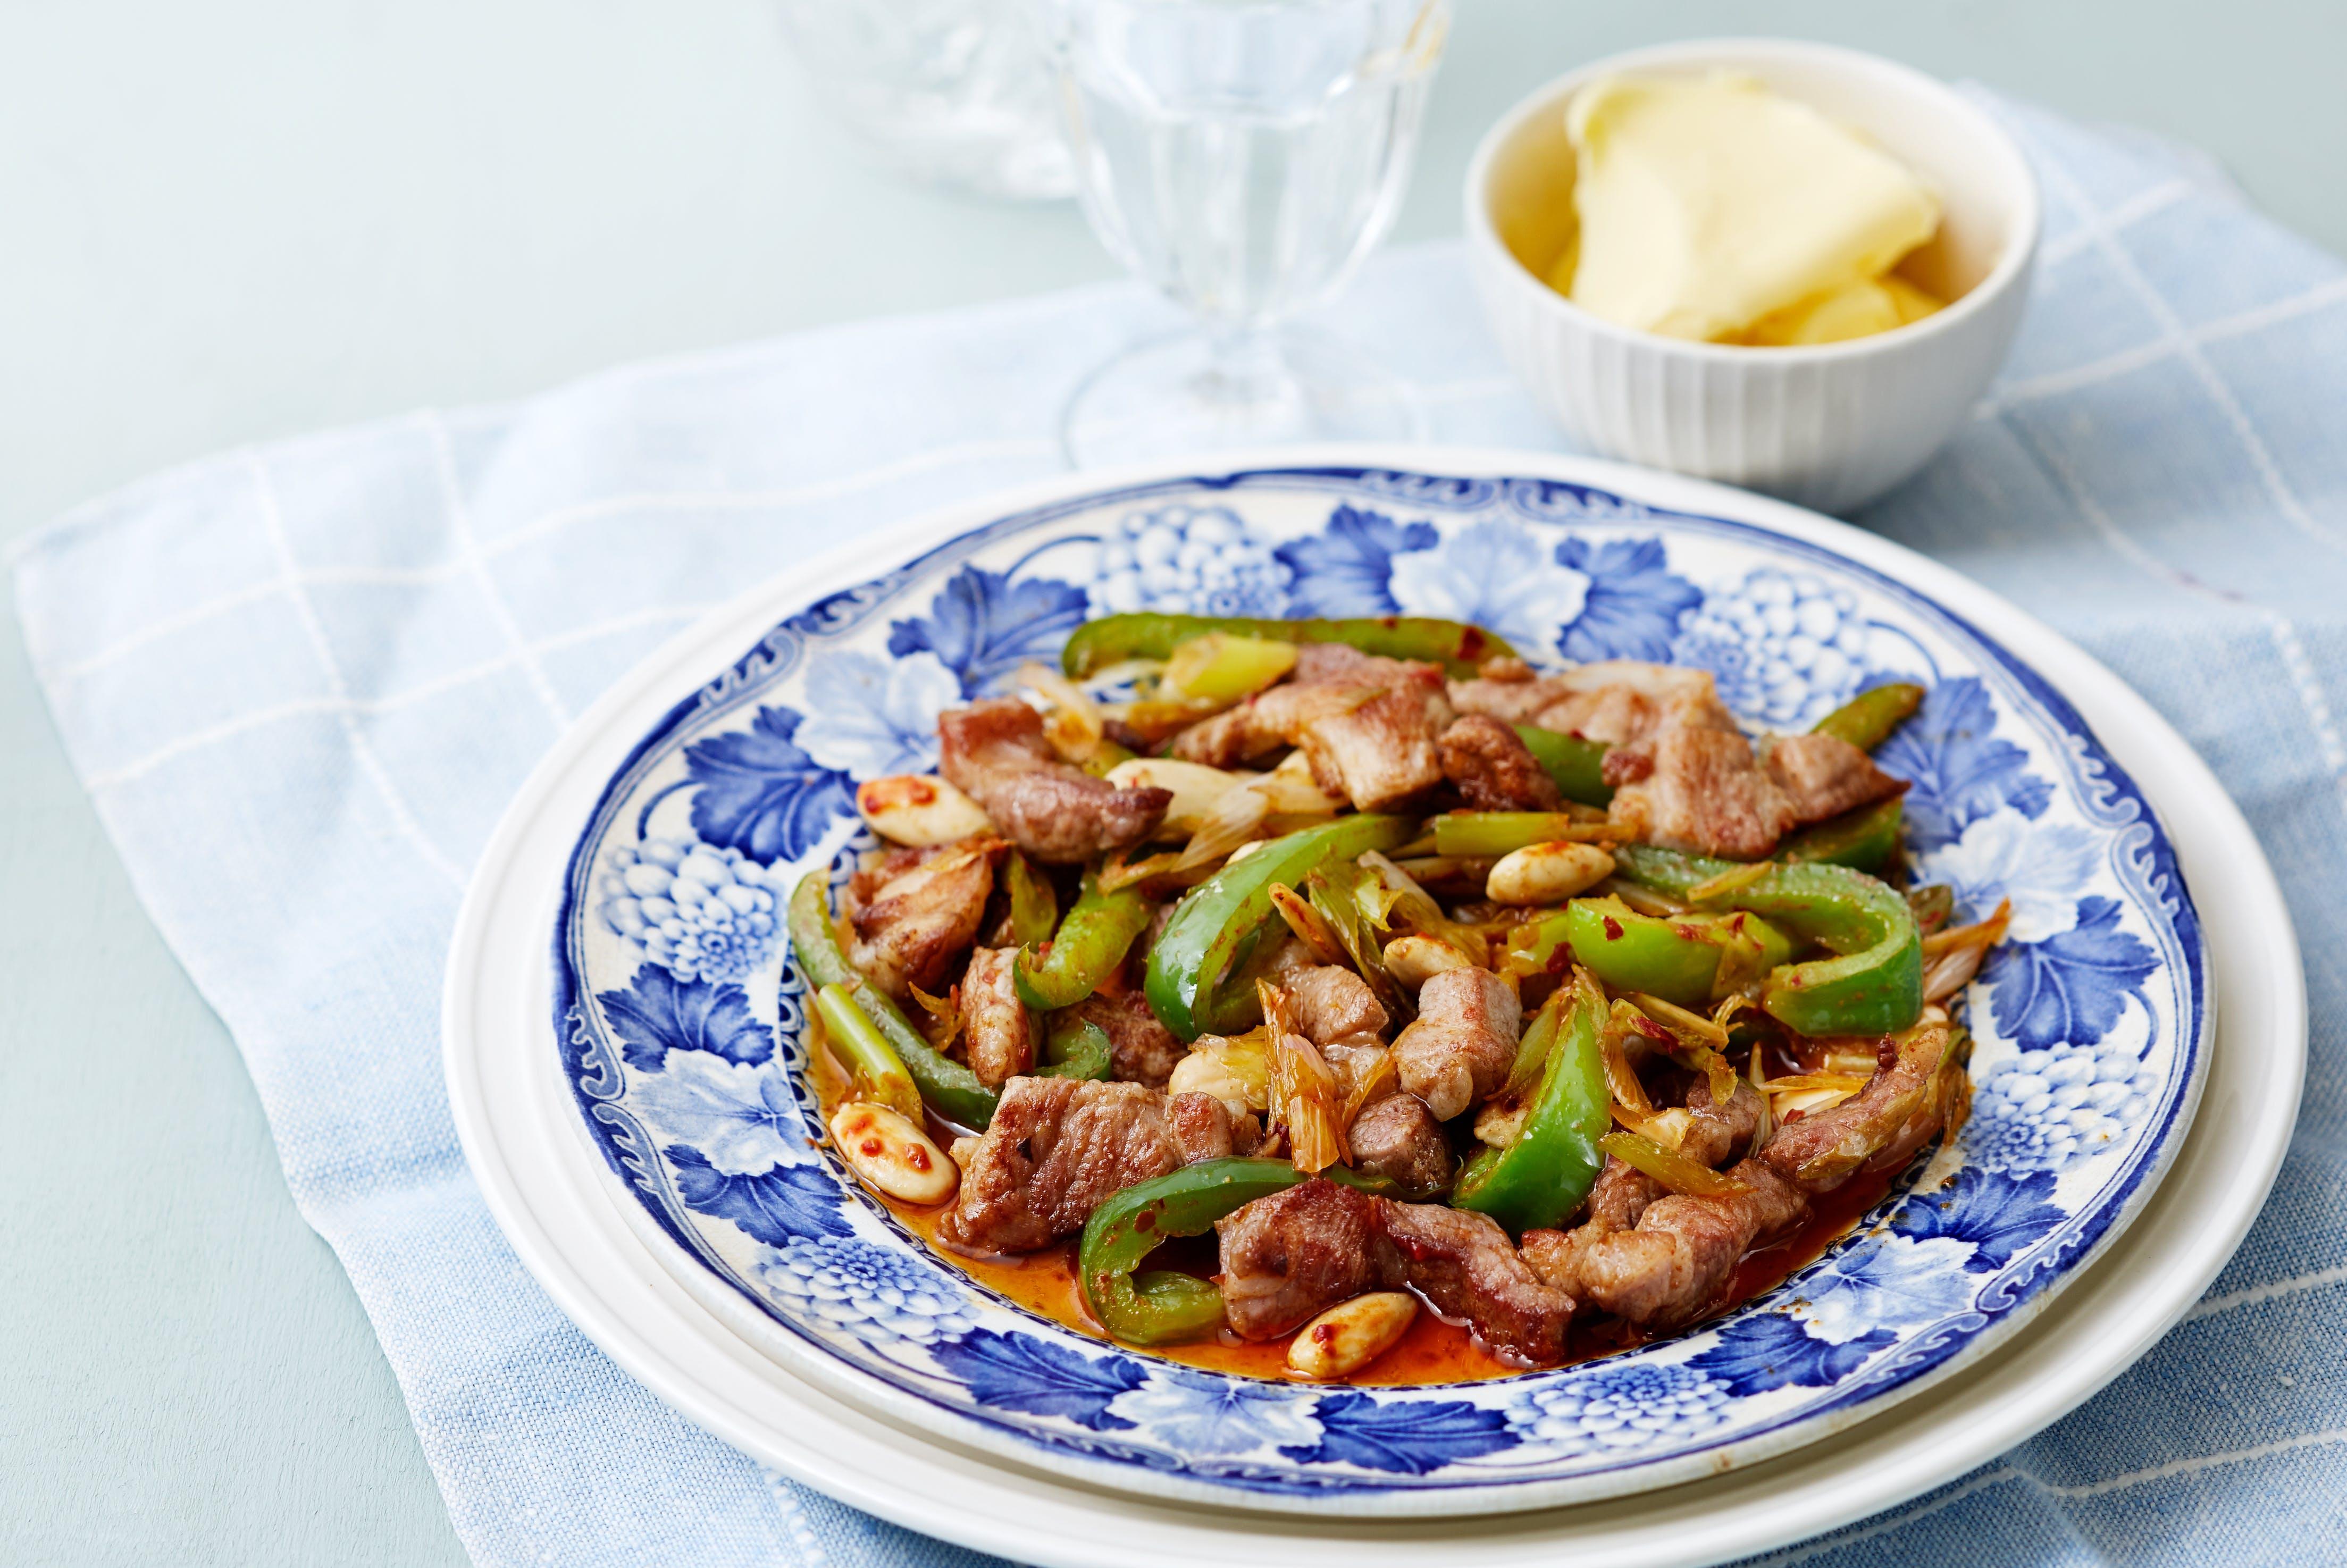 Keto pork and green pepper stir-fry